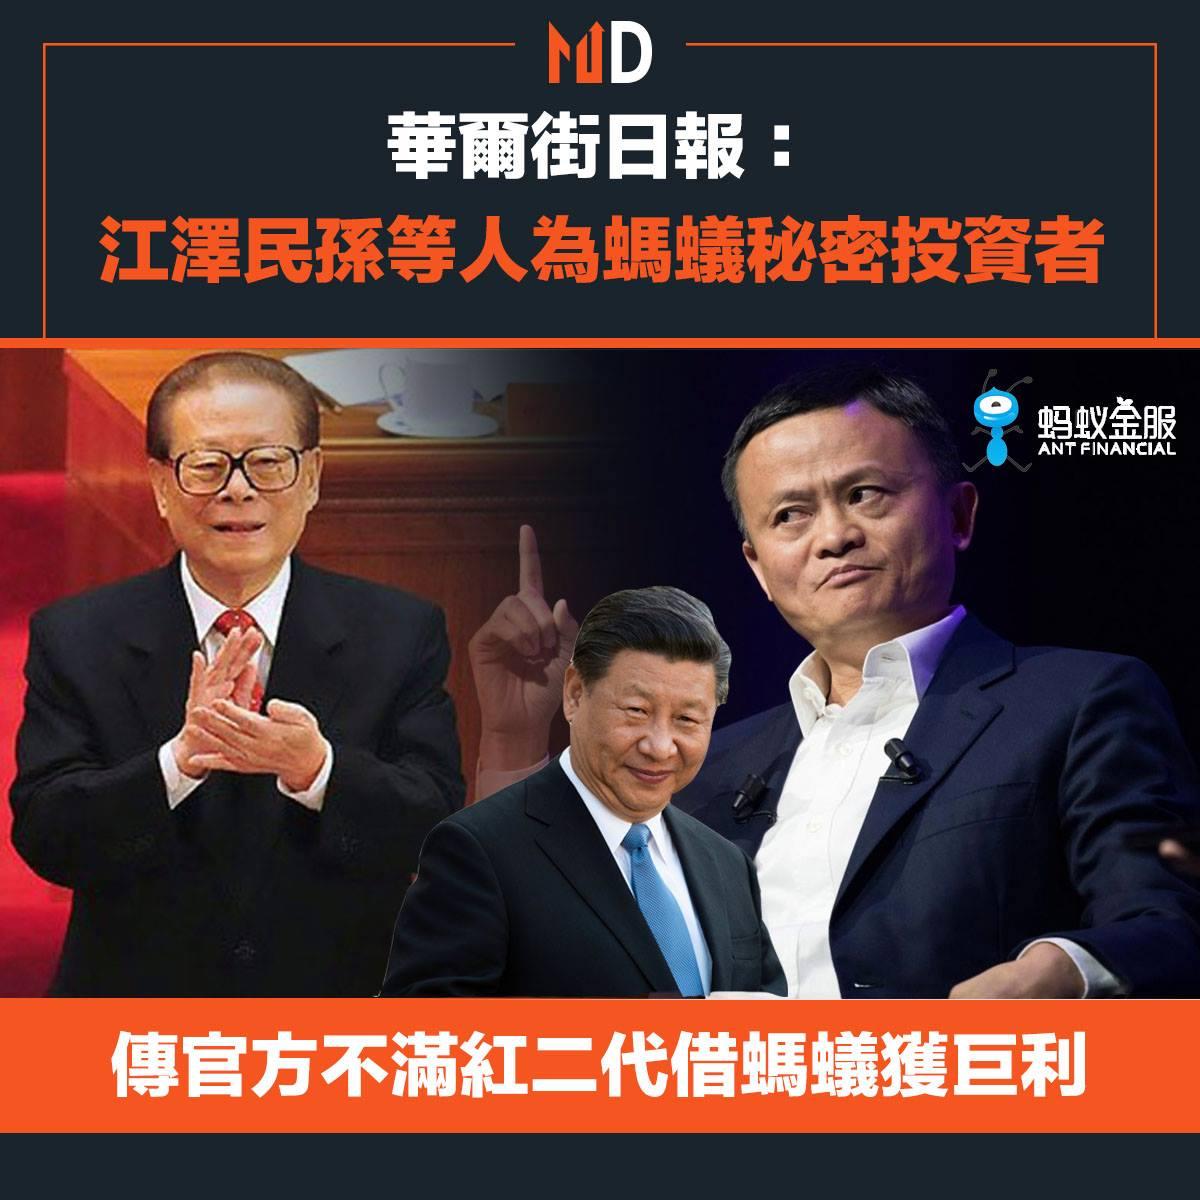 【紅二代】華爾街日報:江澤民孫等人為螞蟻秘密投資者